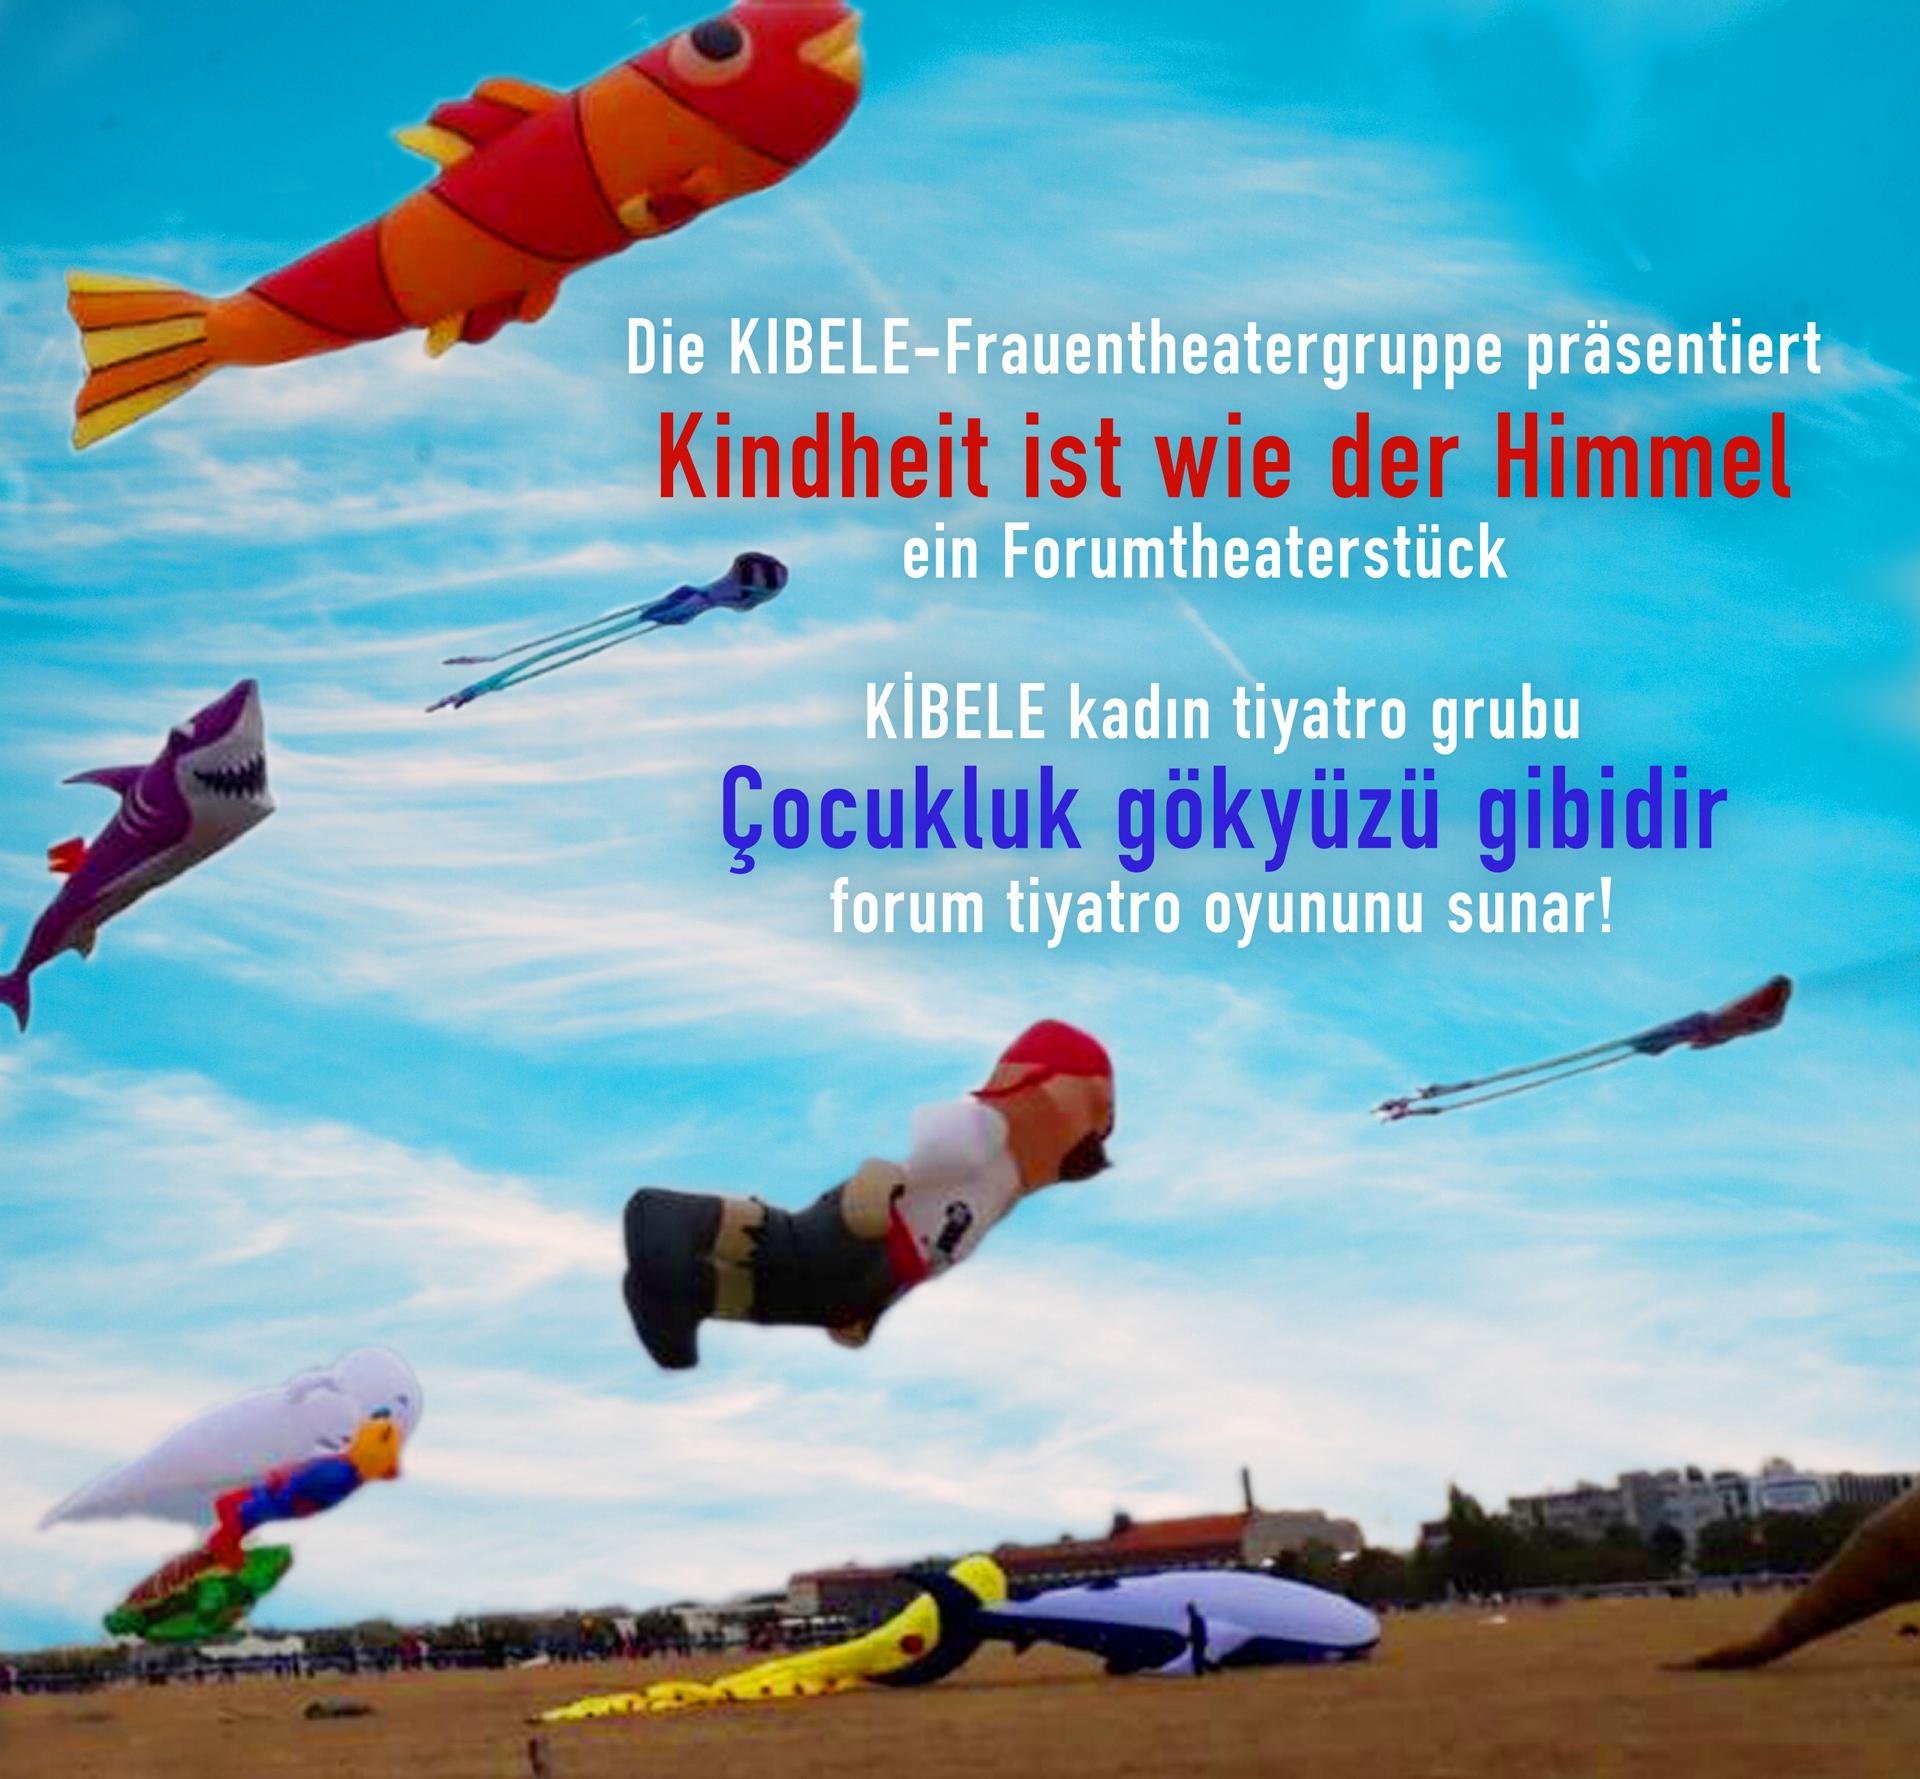 Çocukluk gökyüzü gibidir – Kindheit ist wie der Himmel